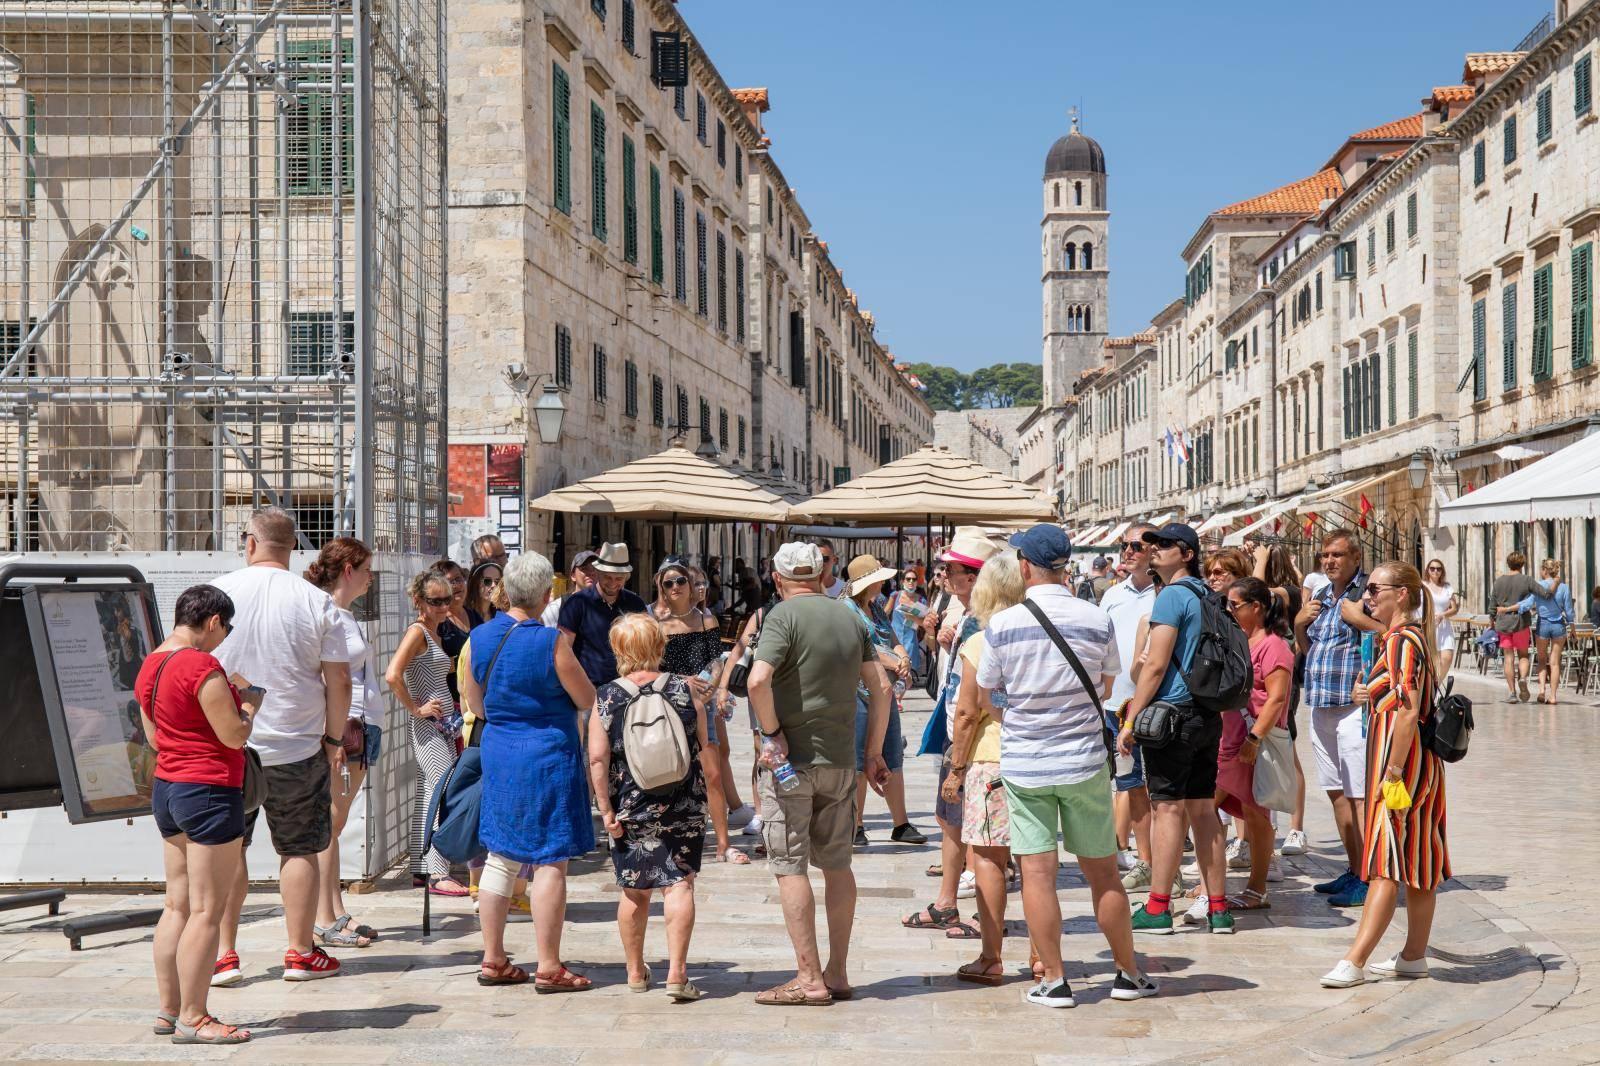 Broj turista u Dubrovniku raste iz dana u dan